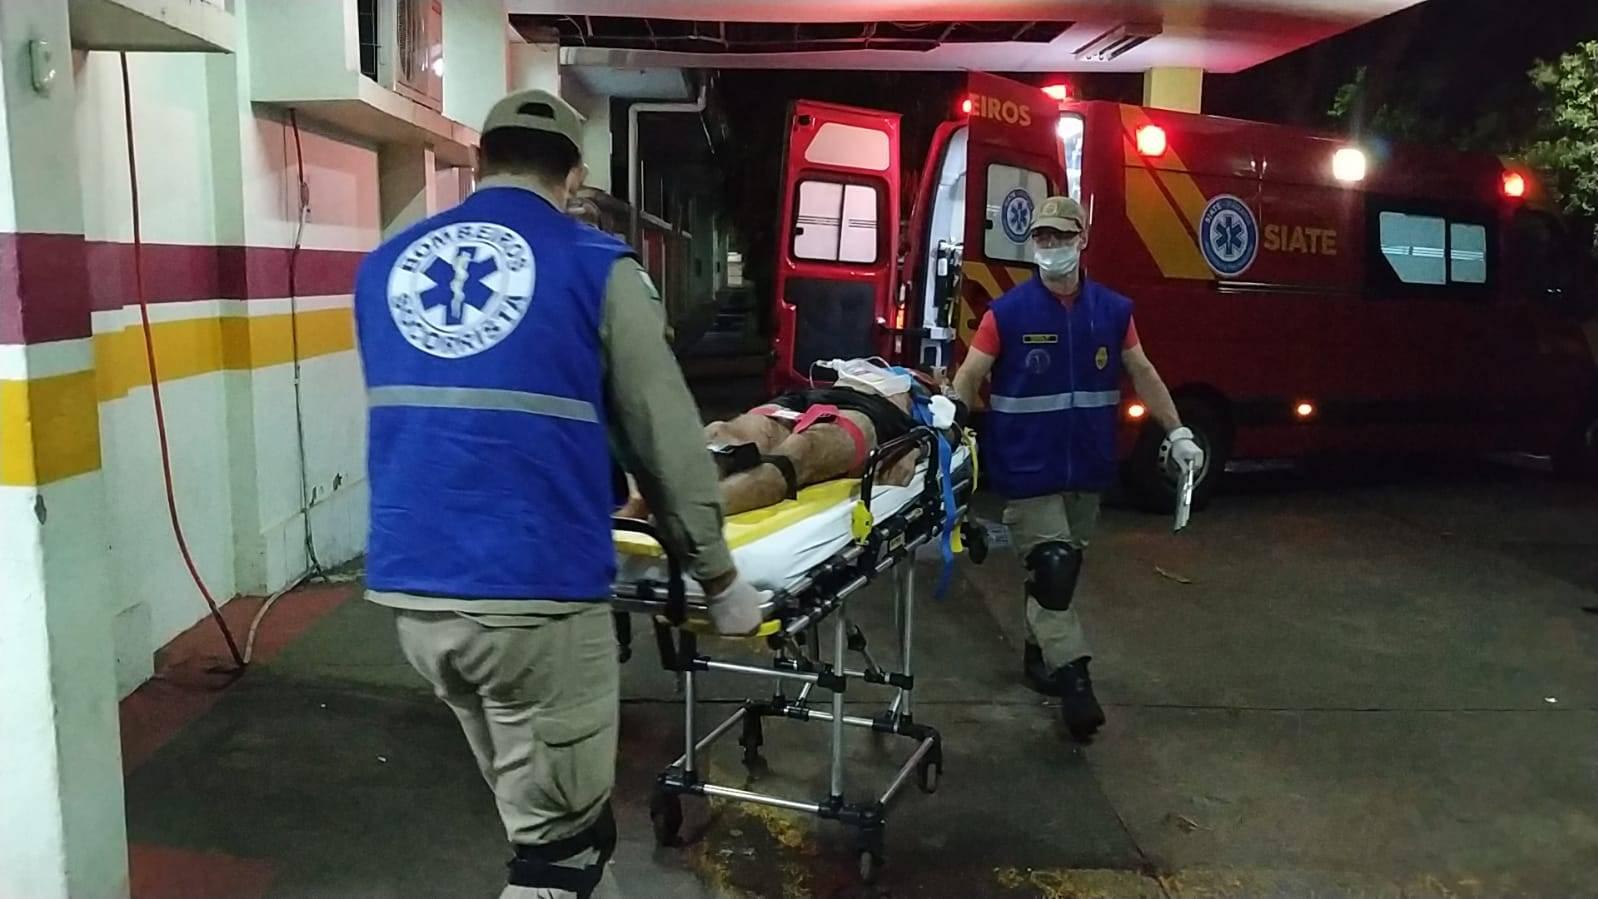 Madrugada Violenta: Três pessoas são baleadas em Foz do Iguaçu